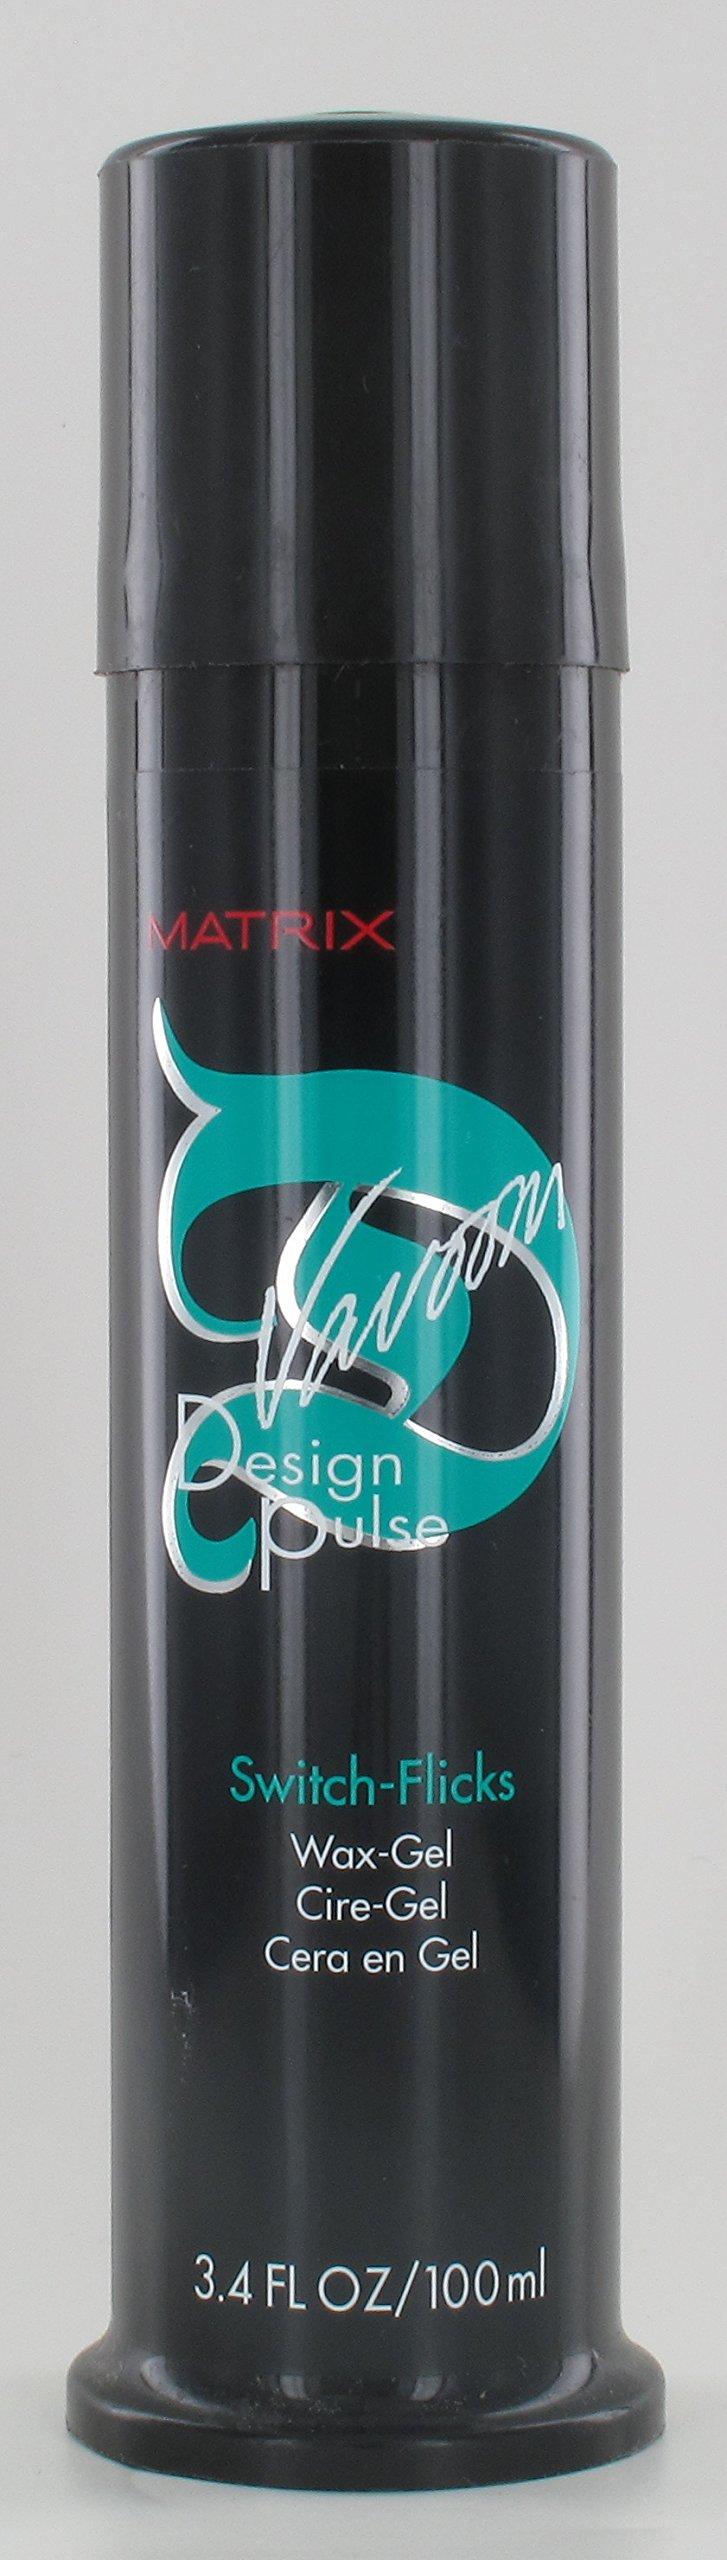 Buy Matrix Vavoom Switch Flicks Wax